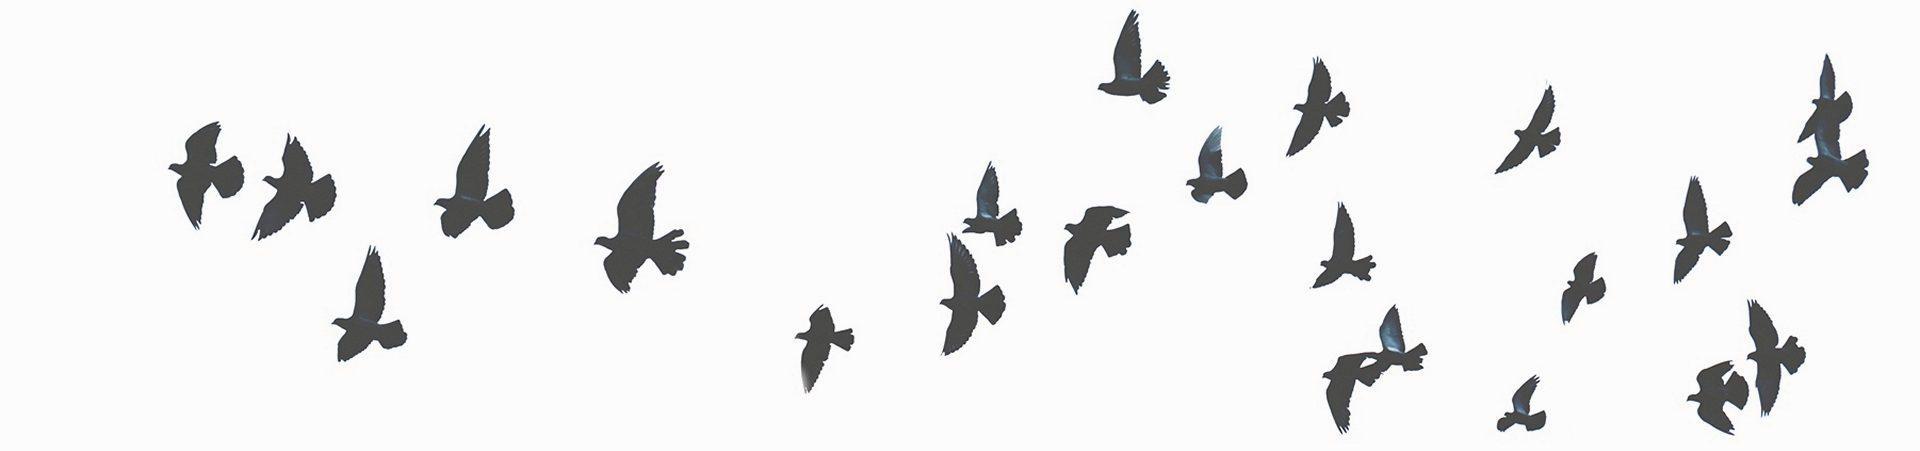 imagen-pajaros-volando